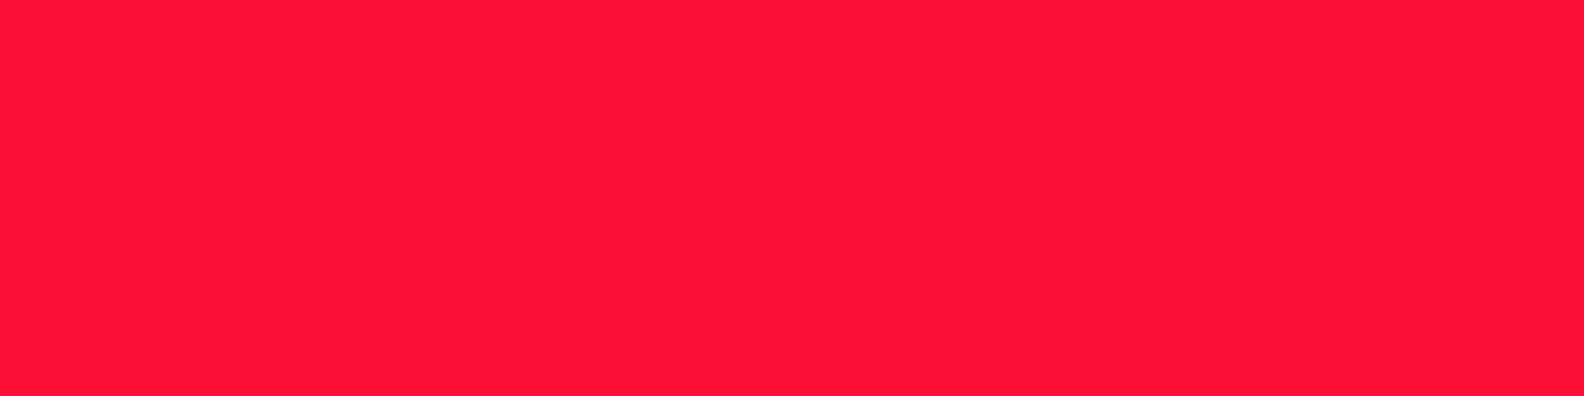 1584x396 Scarlet Crayola Solid Color Background